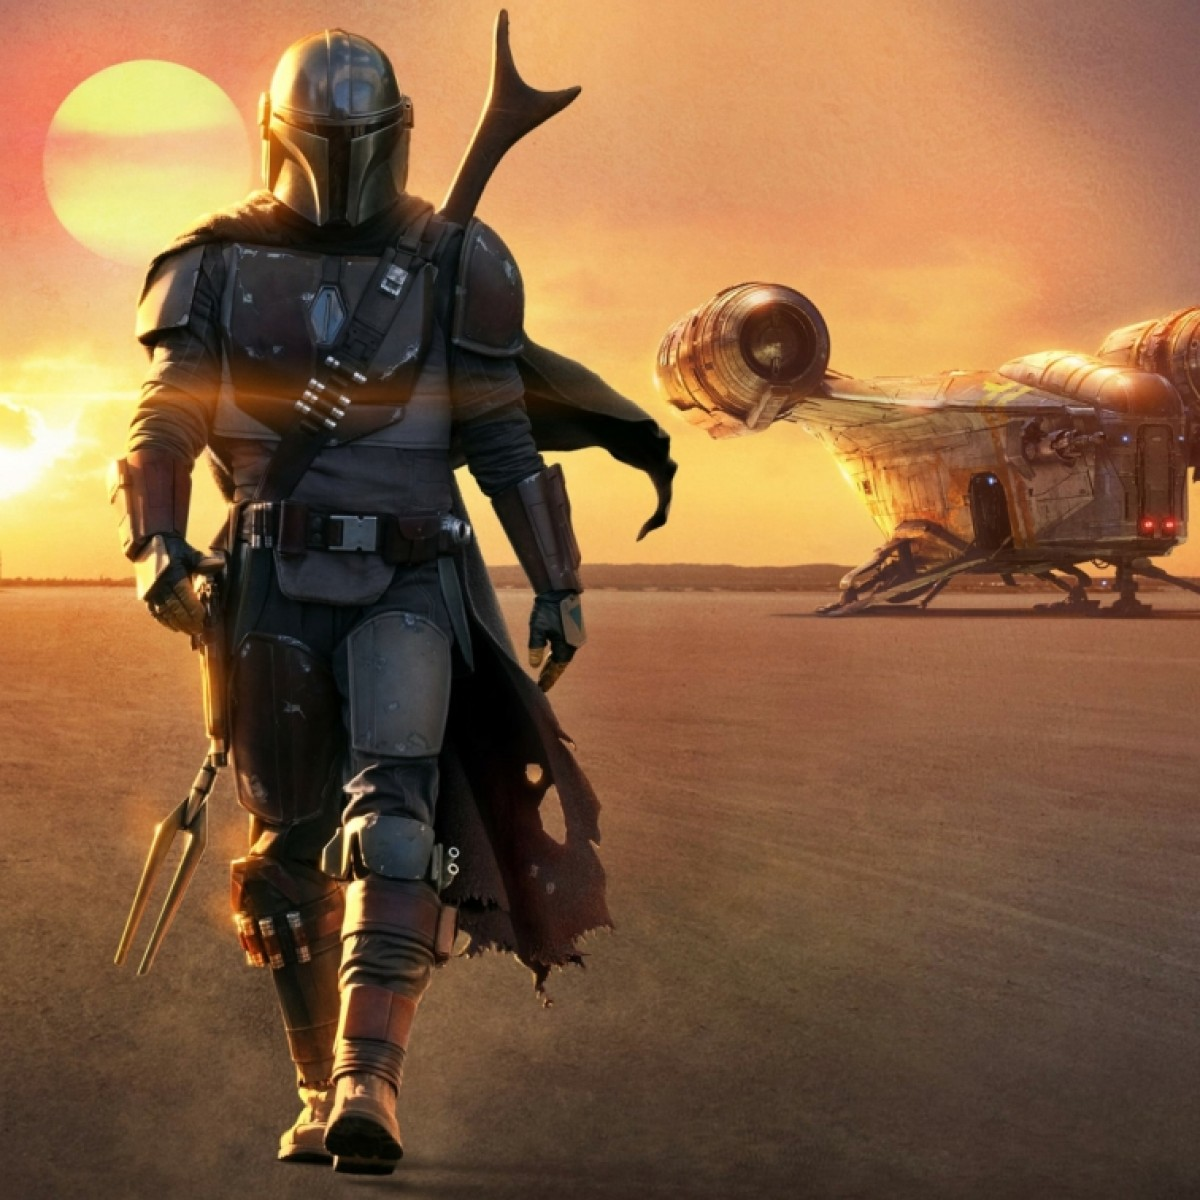 """""""The Mandalorian"""": Zweite Staffel für die """"Star Wars""""-Serie – Serienschöpfer bestätigt voraussichtlichen Starttermin – Bild: Disney+"""